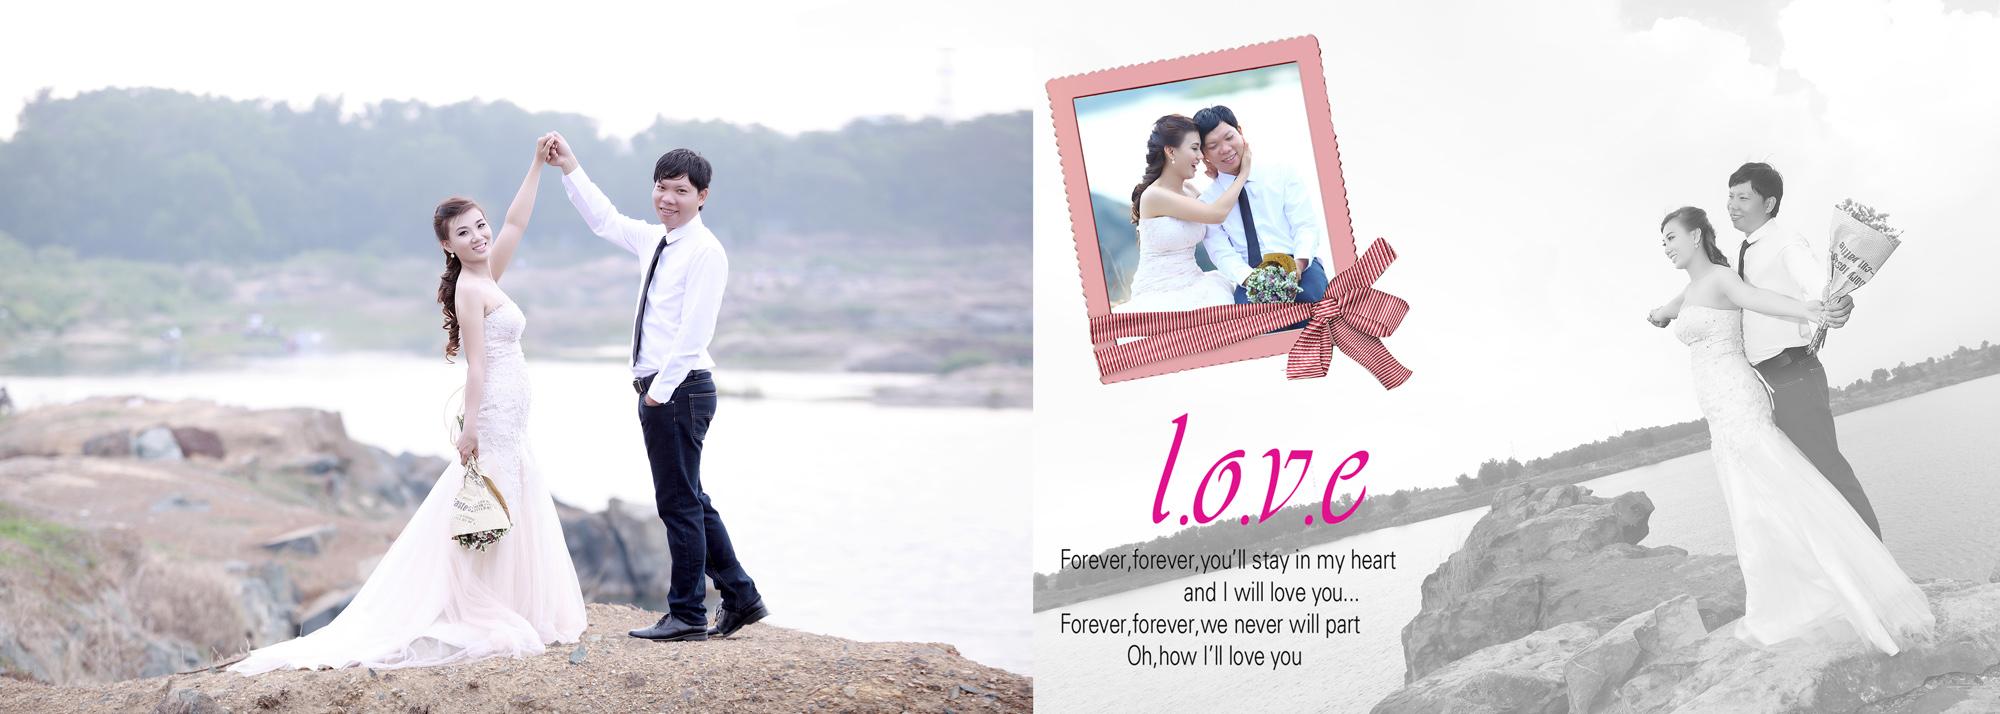 Album chụp hình cưới Trung và Diễm 11